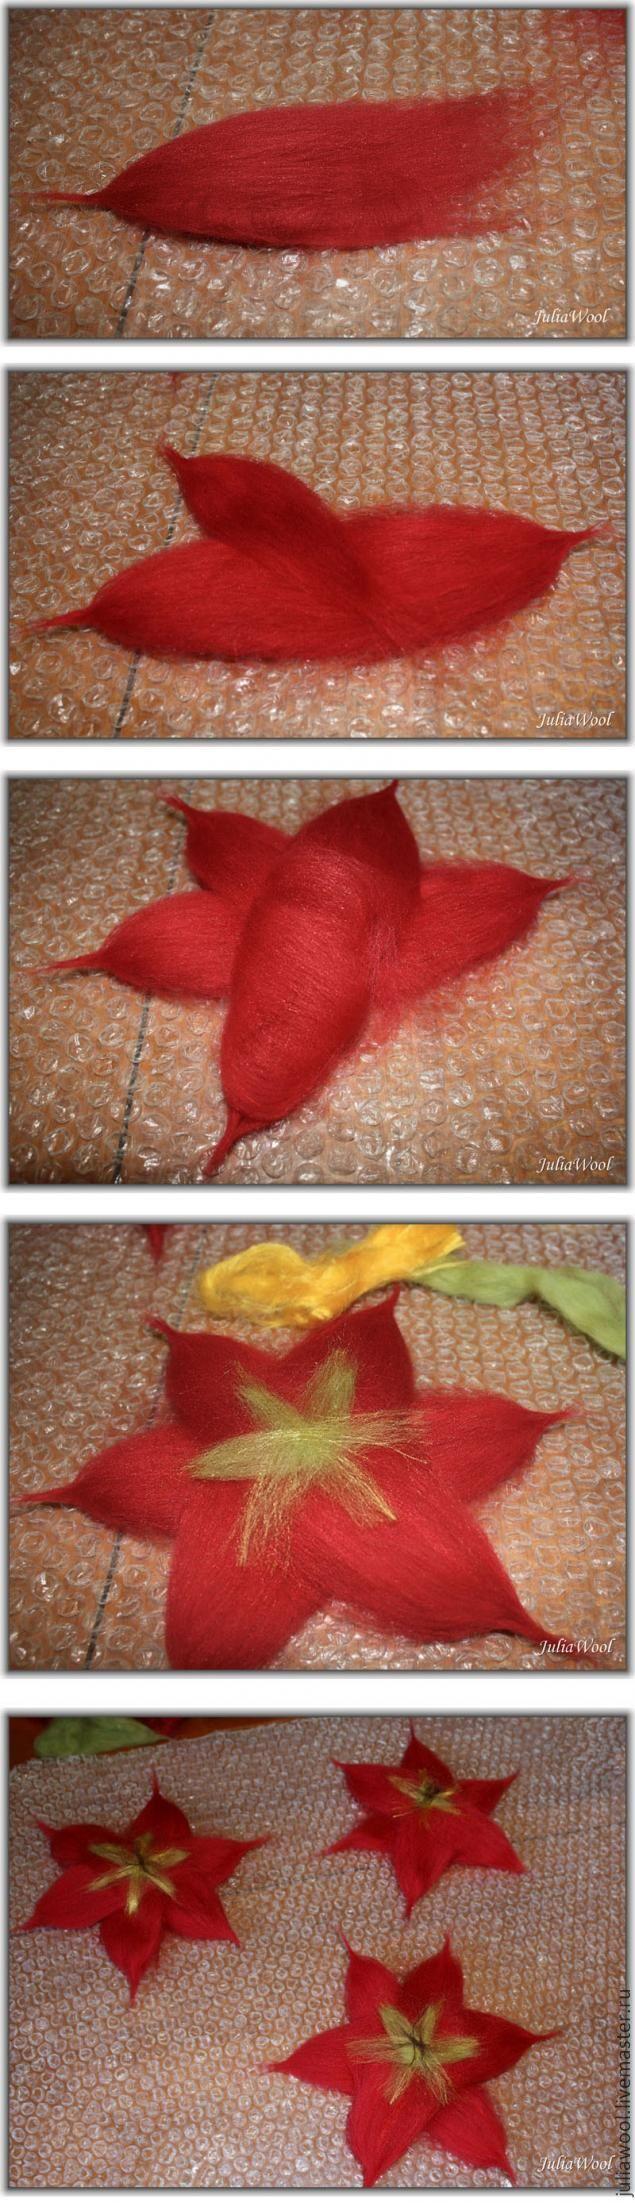 В своем первом мастер-классе (критика и советы приветствуются) я хотела бы рассказать, как свалять один из самых любимых весенних цветов — тюльпан. Весь процесс будет расписан очень подробно, с азов, чтобы любой начиначинающий мог легко всё представить, понять и повторить. Для работы нам понадобится: - шерсть (австралийский меринос 18 микрон) красного, зеленого цветов (и при желании их оттенков)…